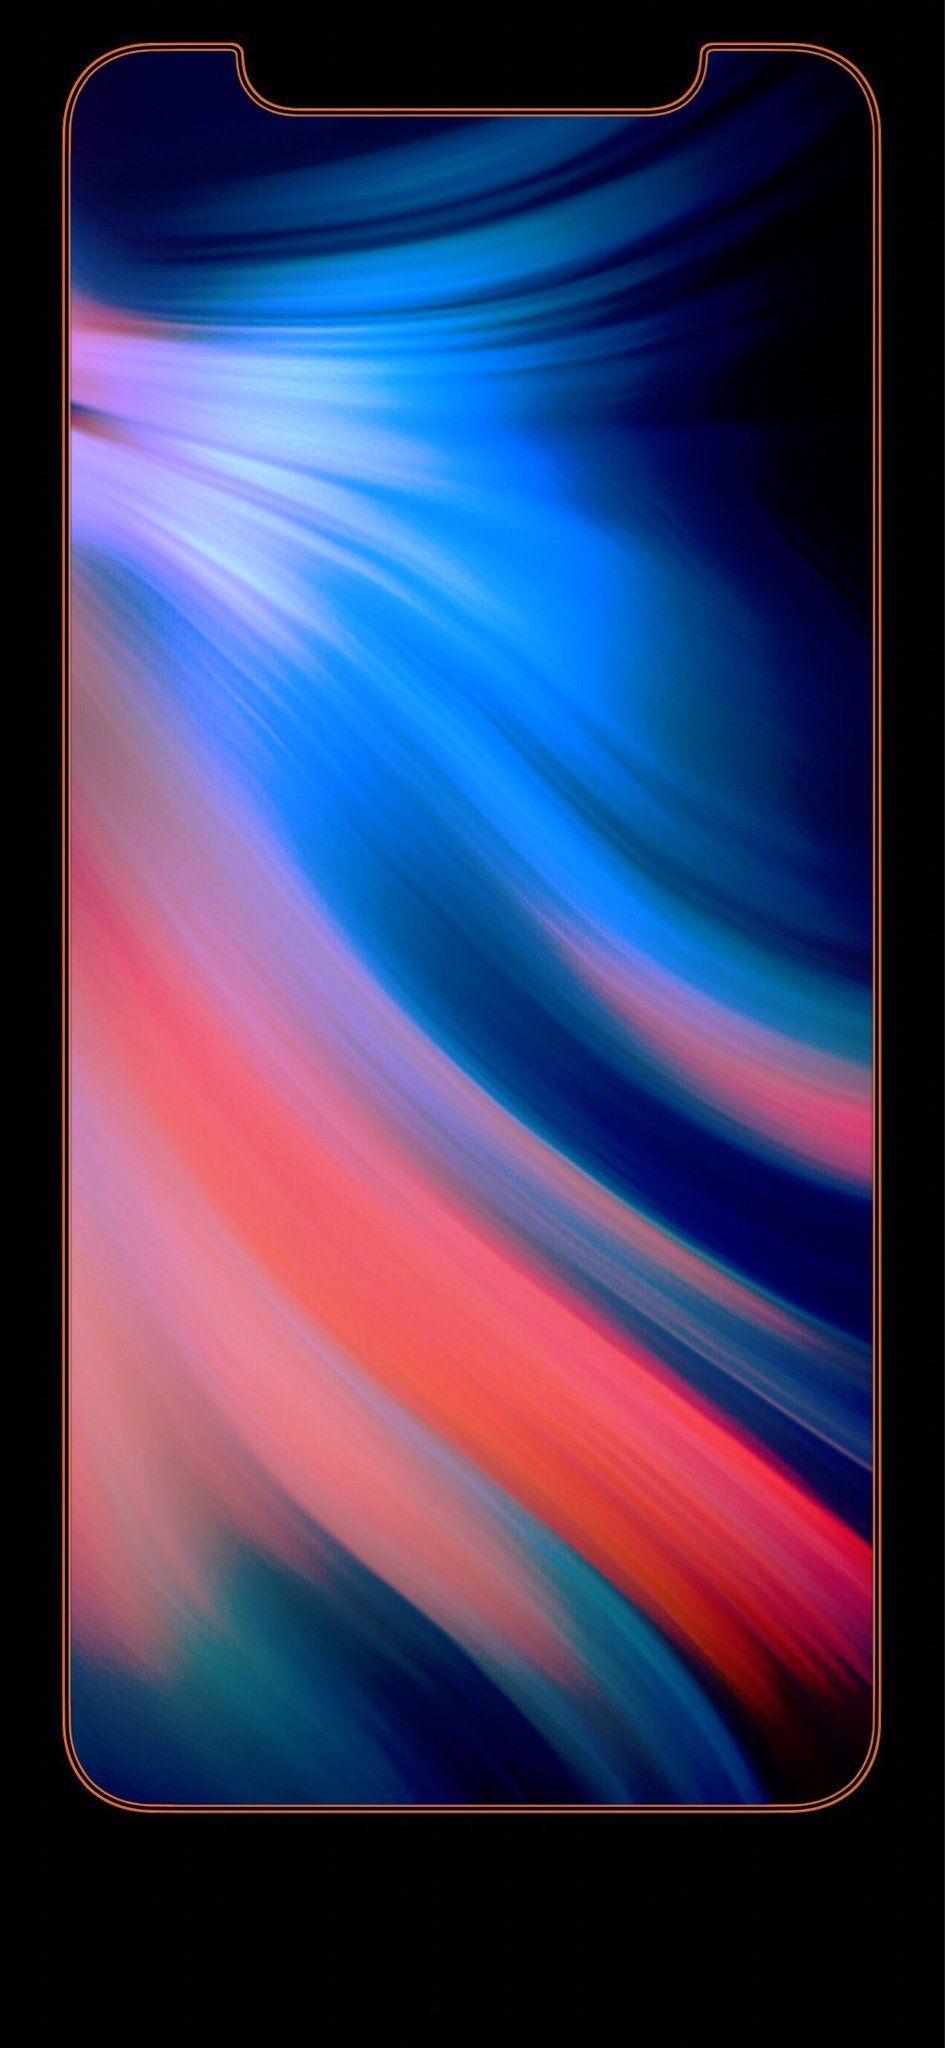 hình nền iphone 6 siêu xe